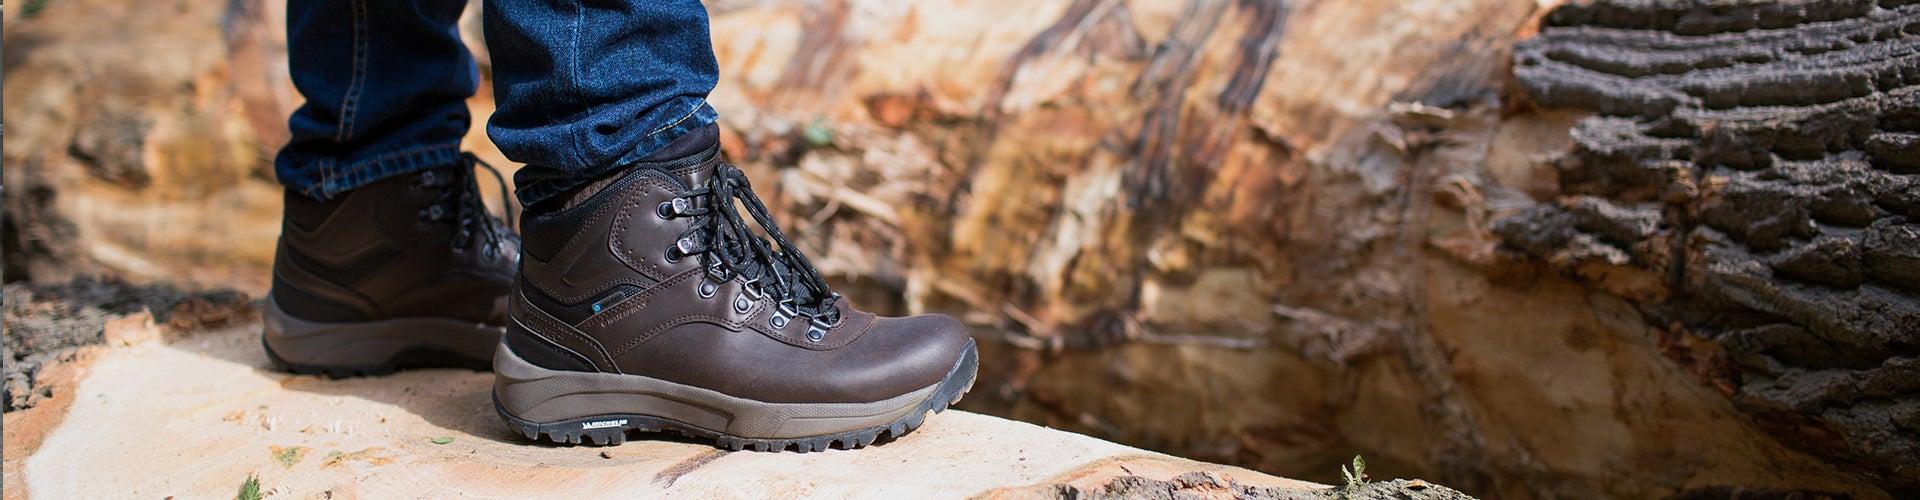 f3852bfe84d Hi-Tec Boots - Hi-Tec Walking Shoes For Men & Women Online (Sale ...